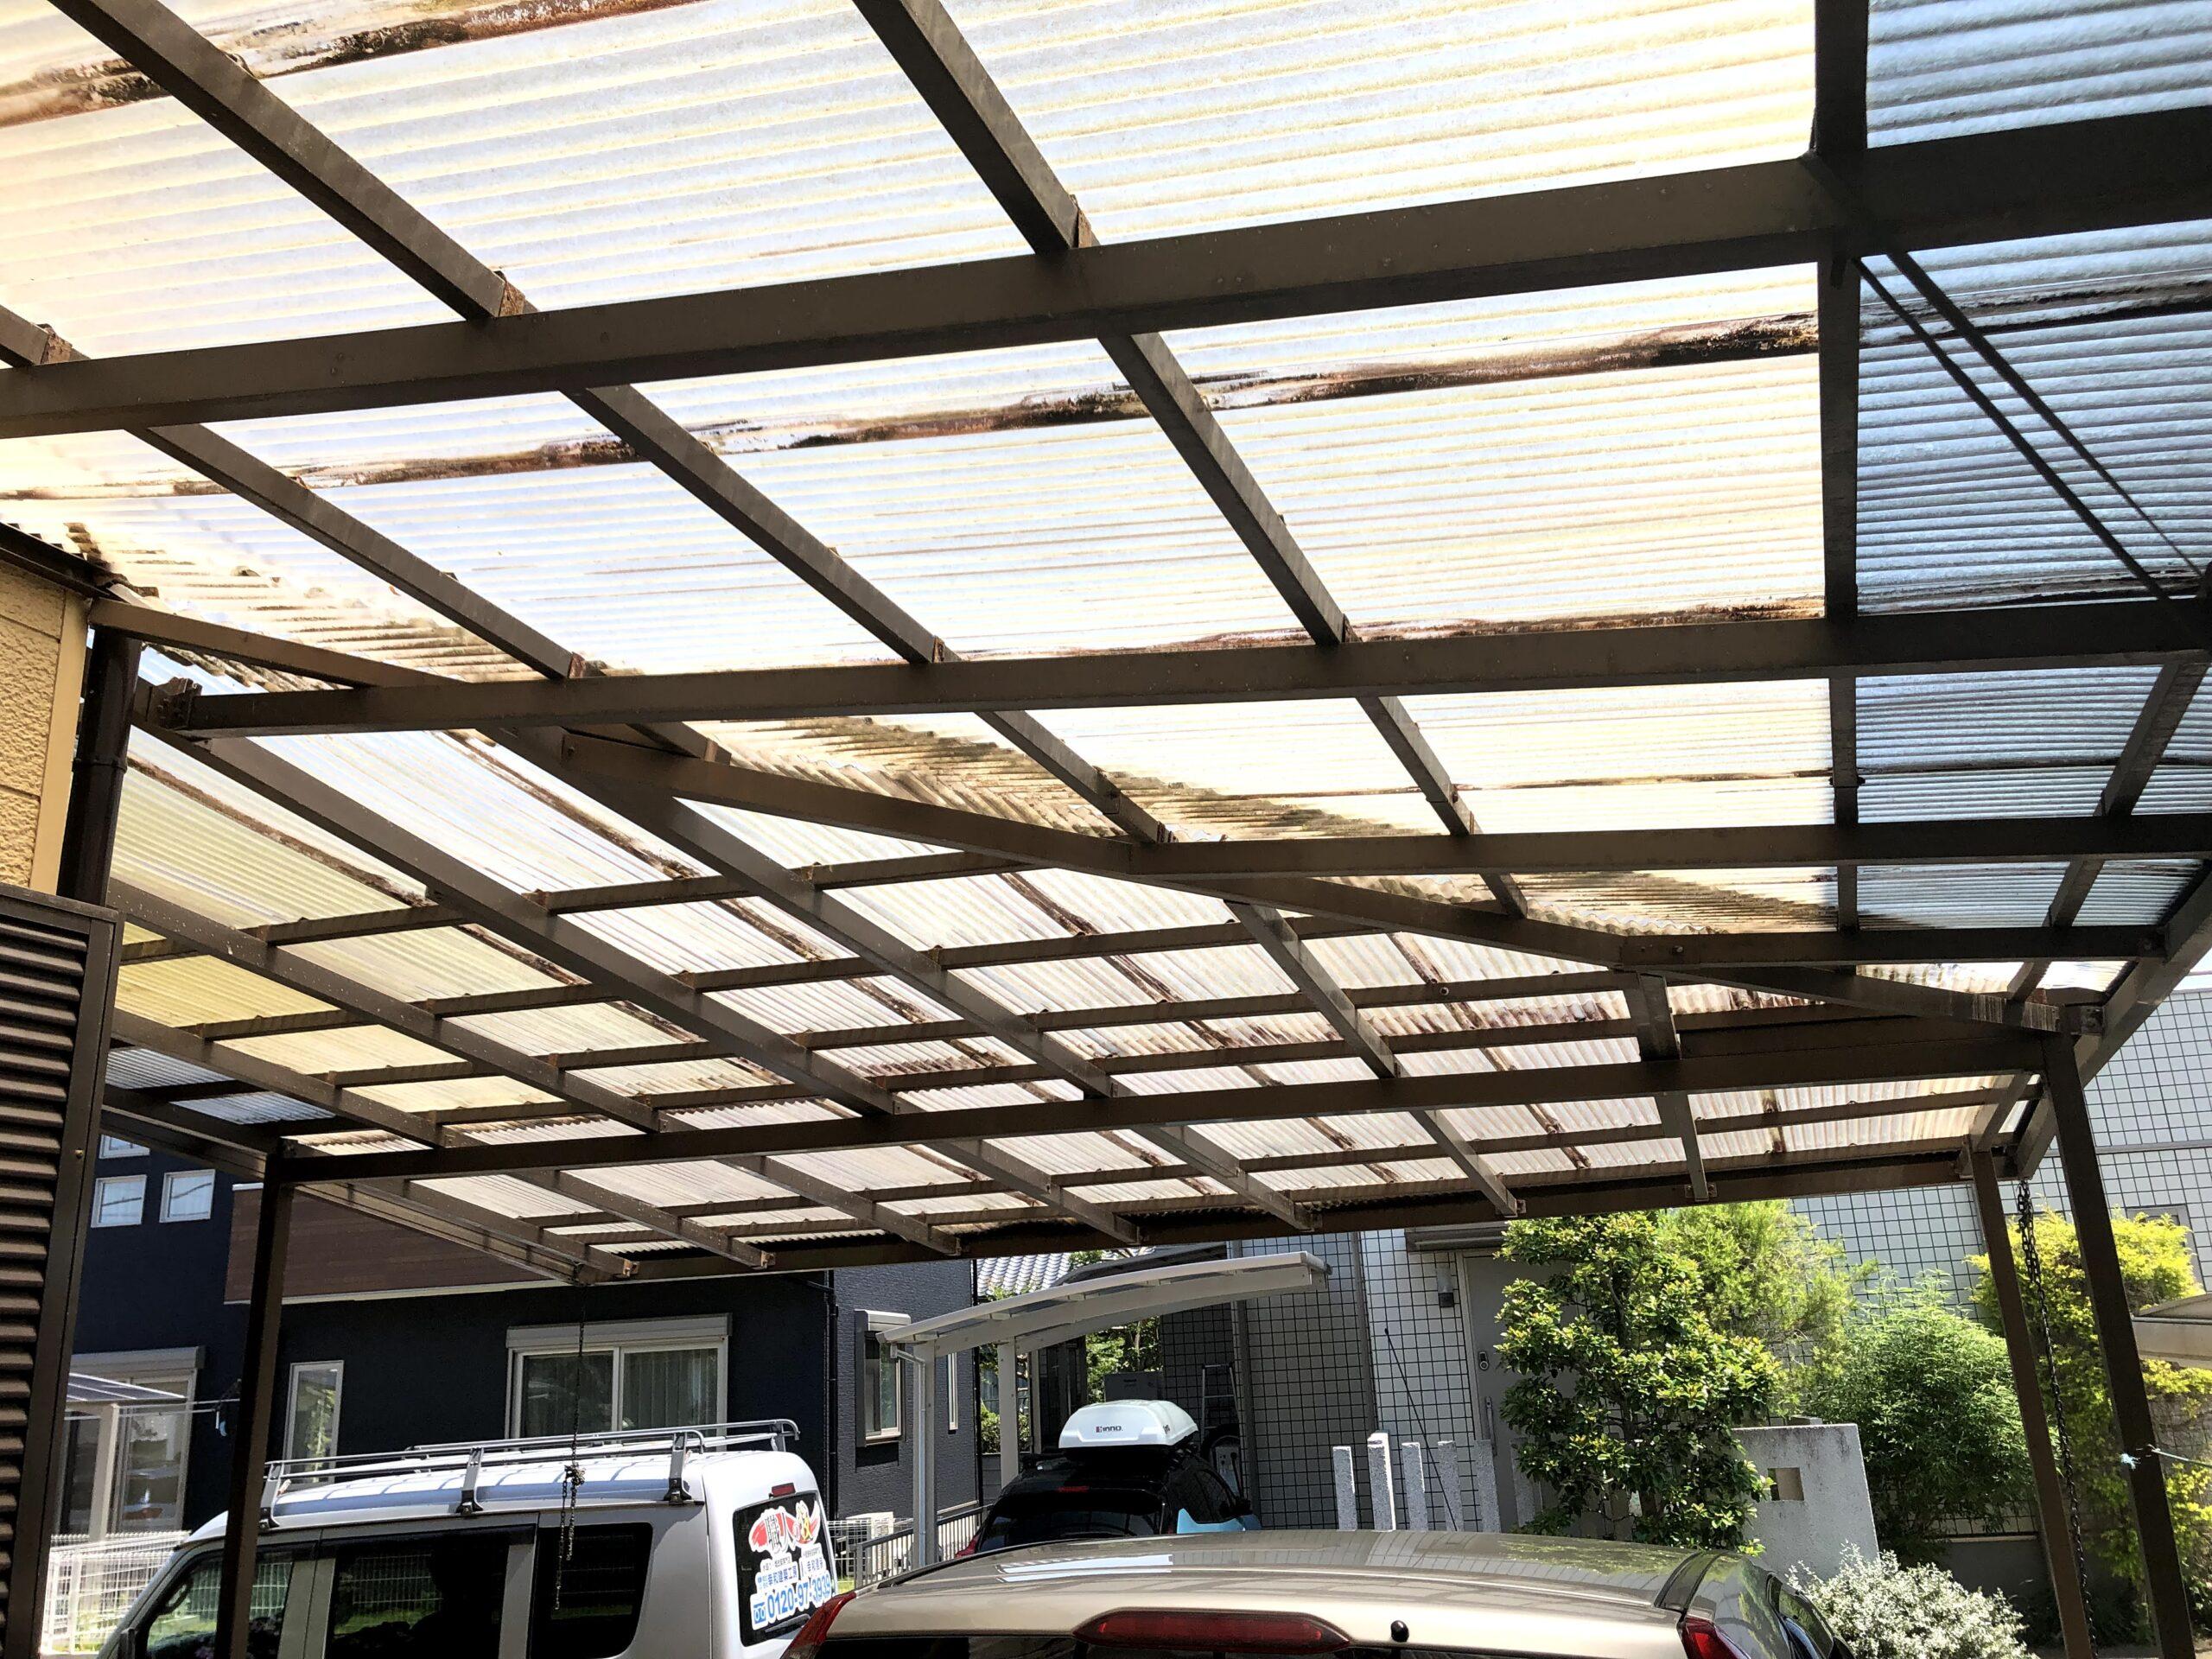 阿見町 M様邸 カーポート屋根工事page-visual 阿見町 M様邸 カーポート屋根工事ビジュアル